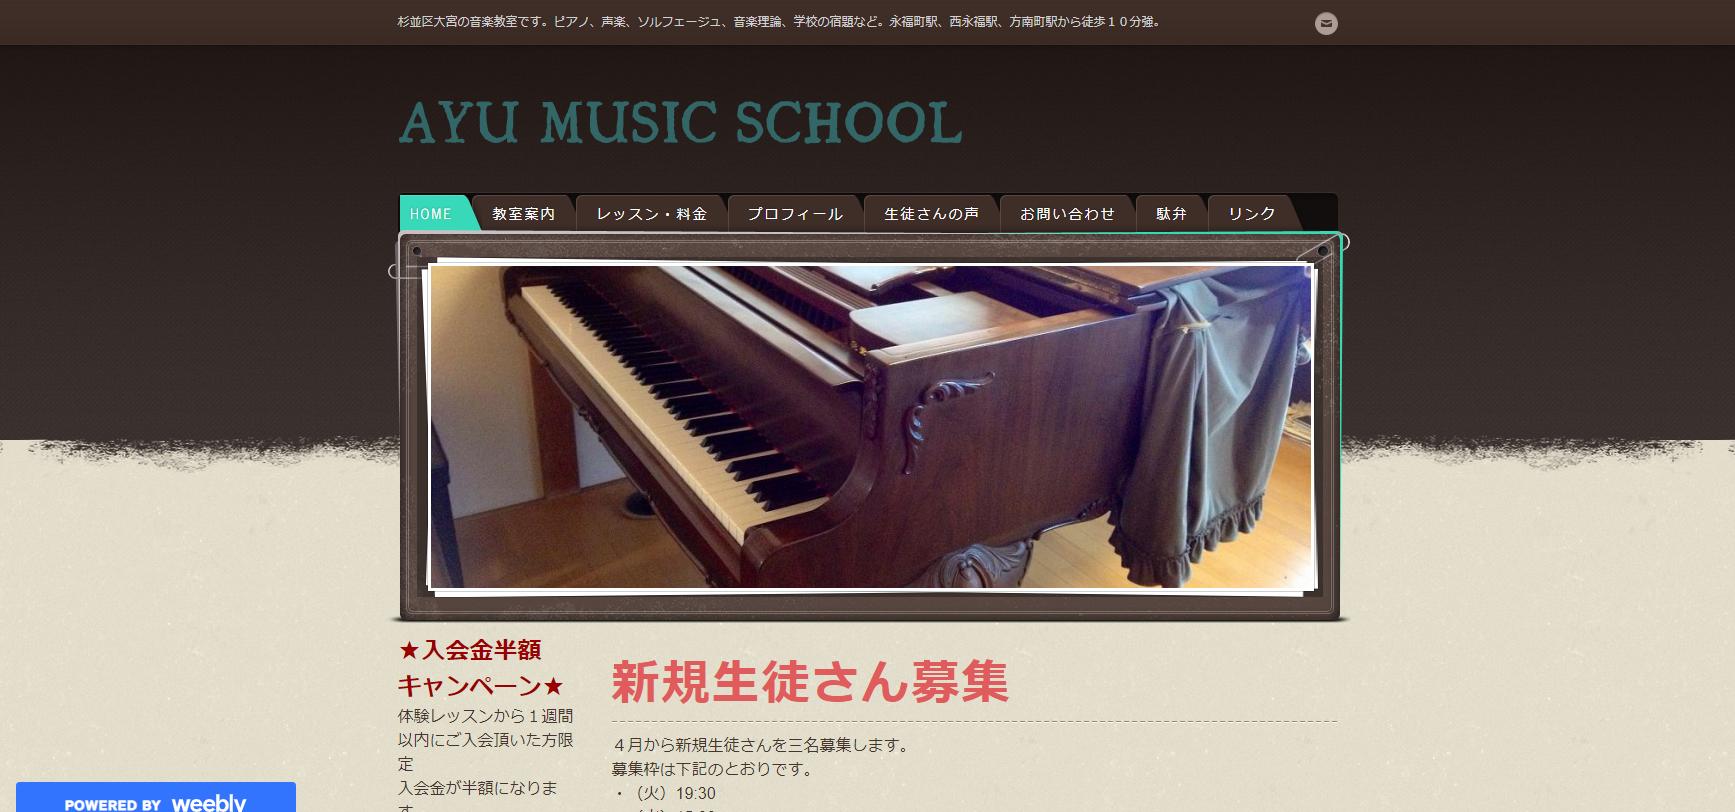 あゆ音楽教室のサムネイル